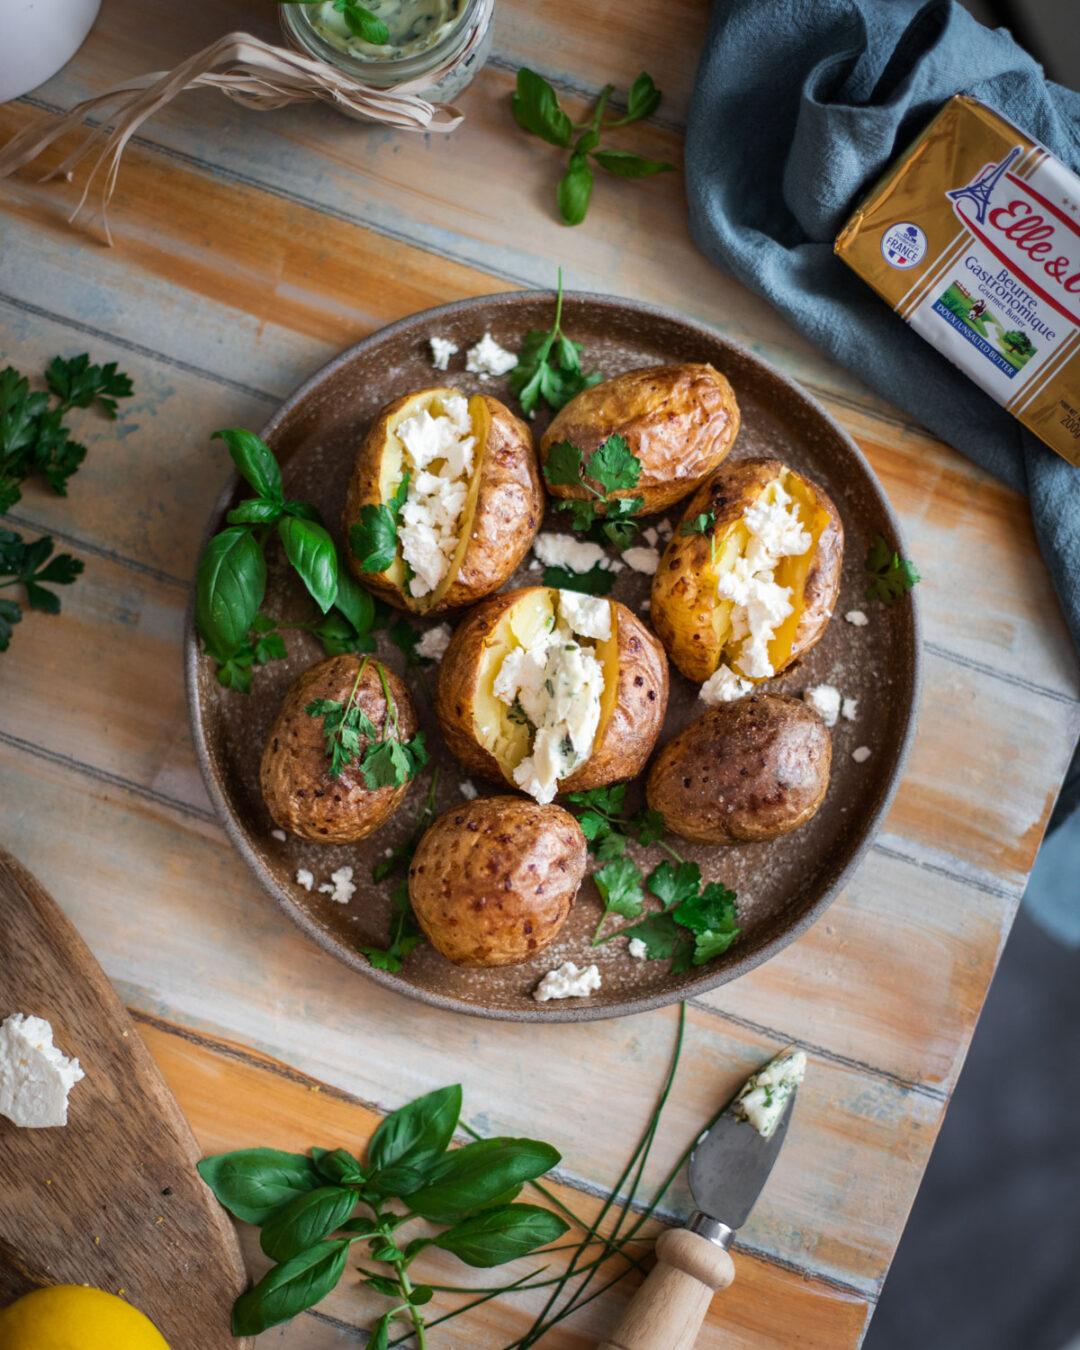 cartofi copti unt aromat cu verdeata